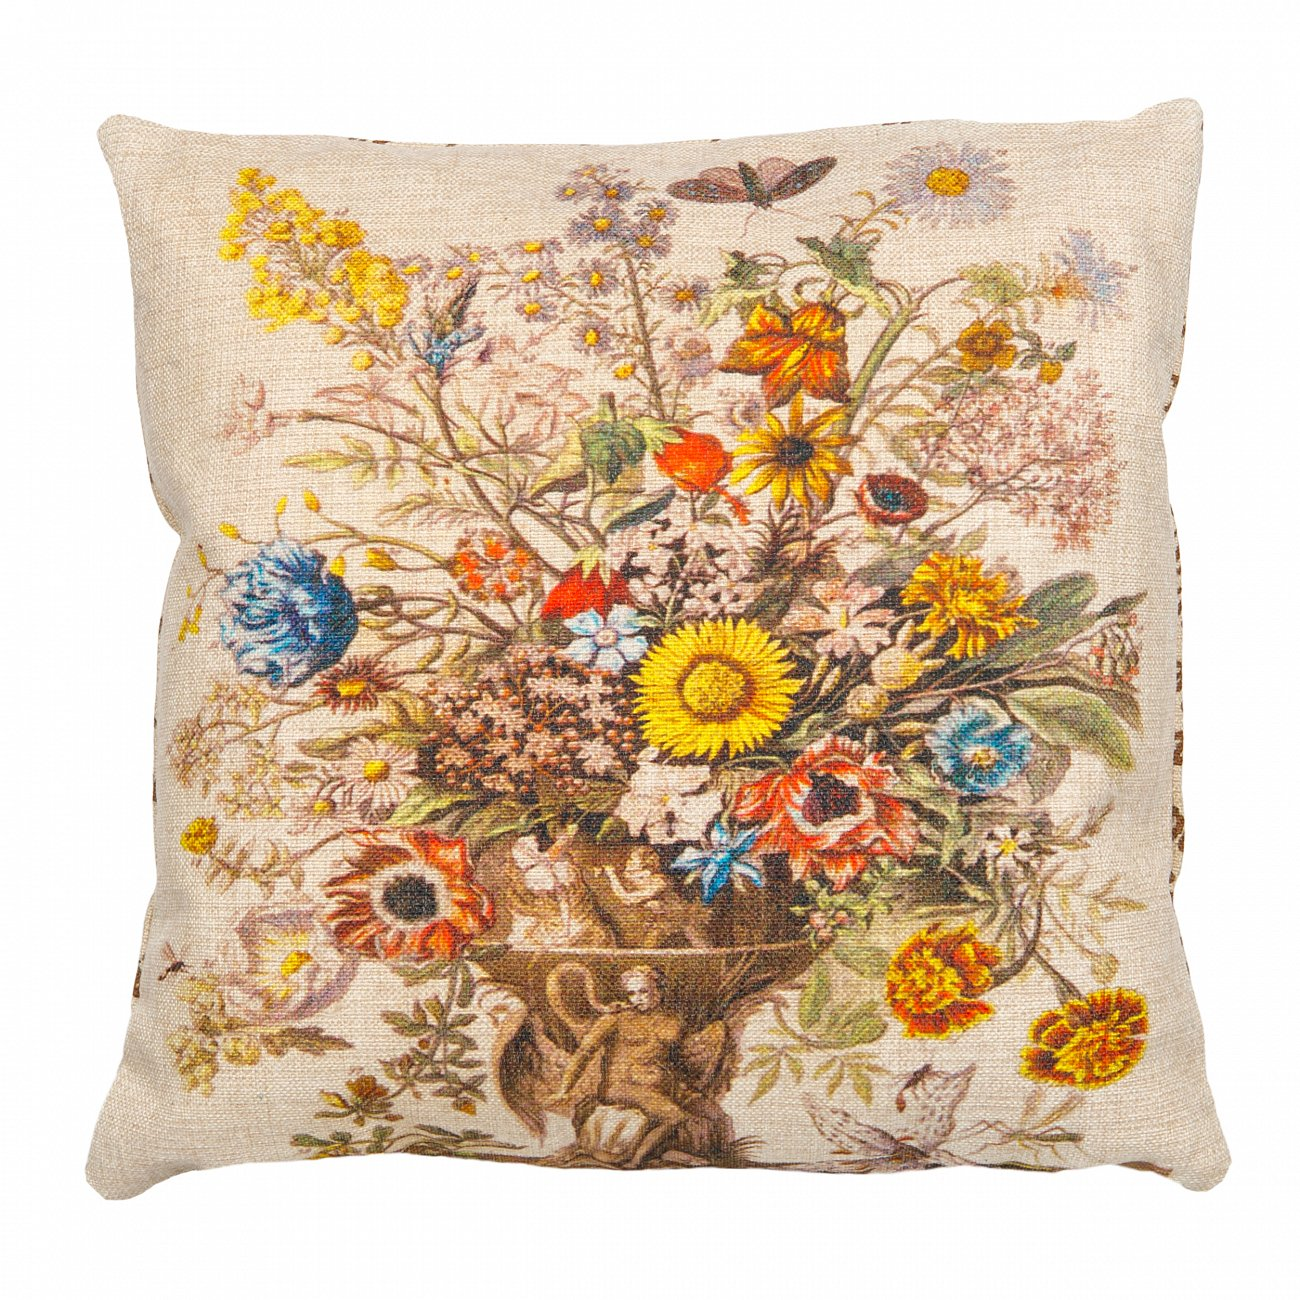 Купить Декоративная подушка «12 месяцев цветения», версия Ноябрь в интернет магазине дизайнерской мебели и аксессуаров для дома и дачи